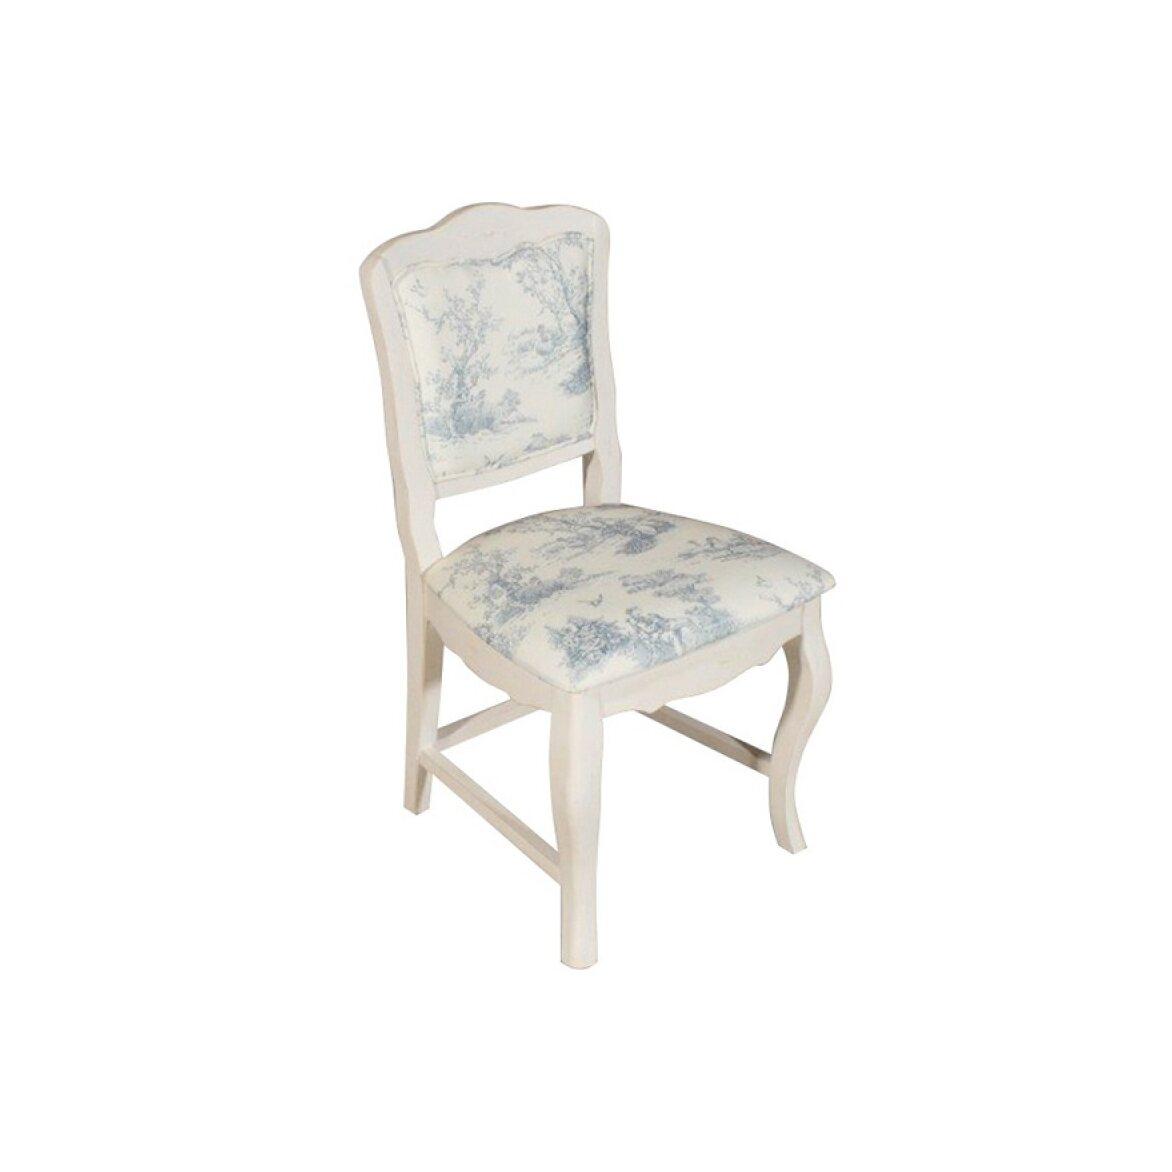 Стул Leontina с мягким сиденьем, бежевого цвета 7 | Обеденные стулья Kingsby